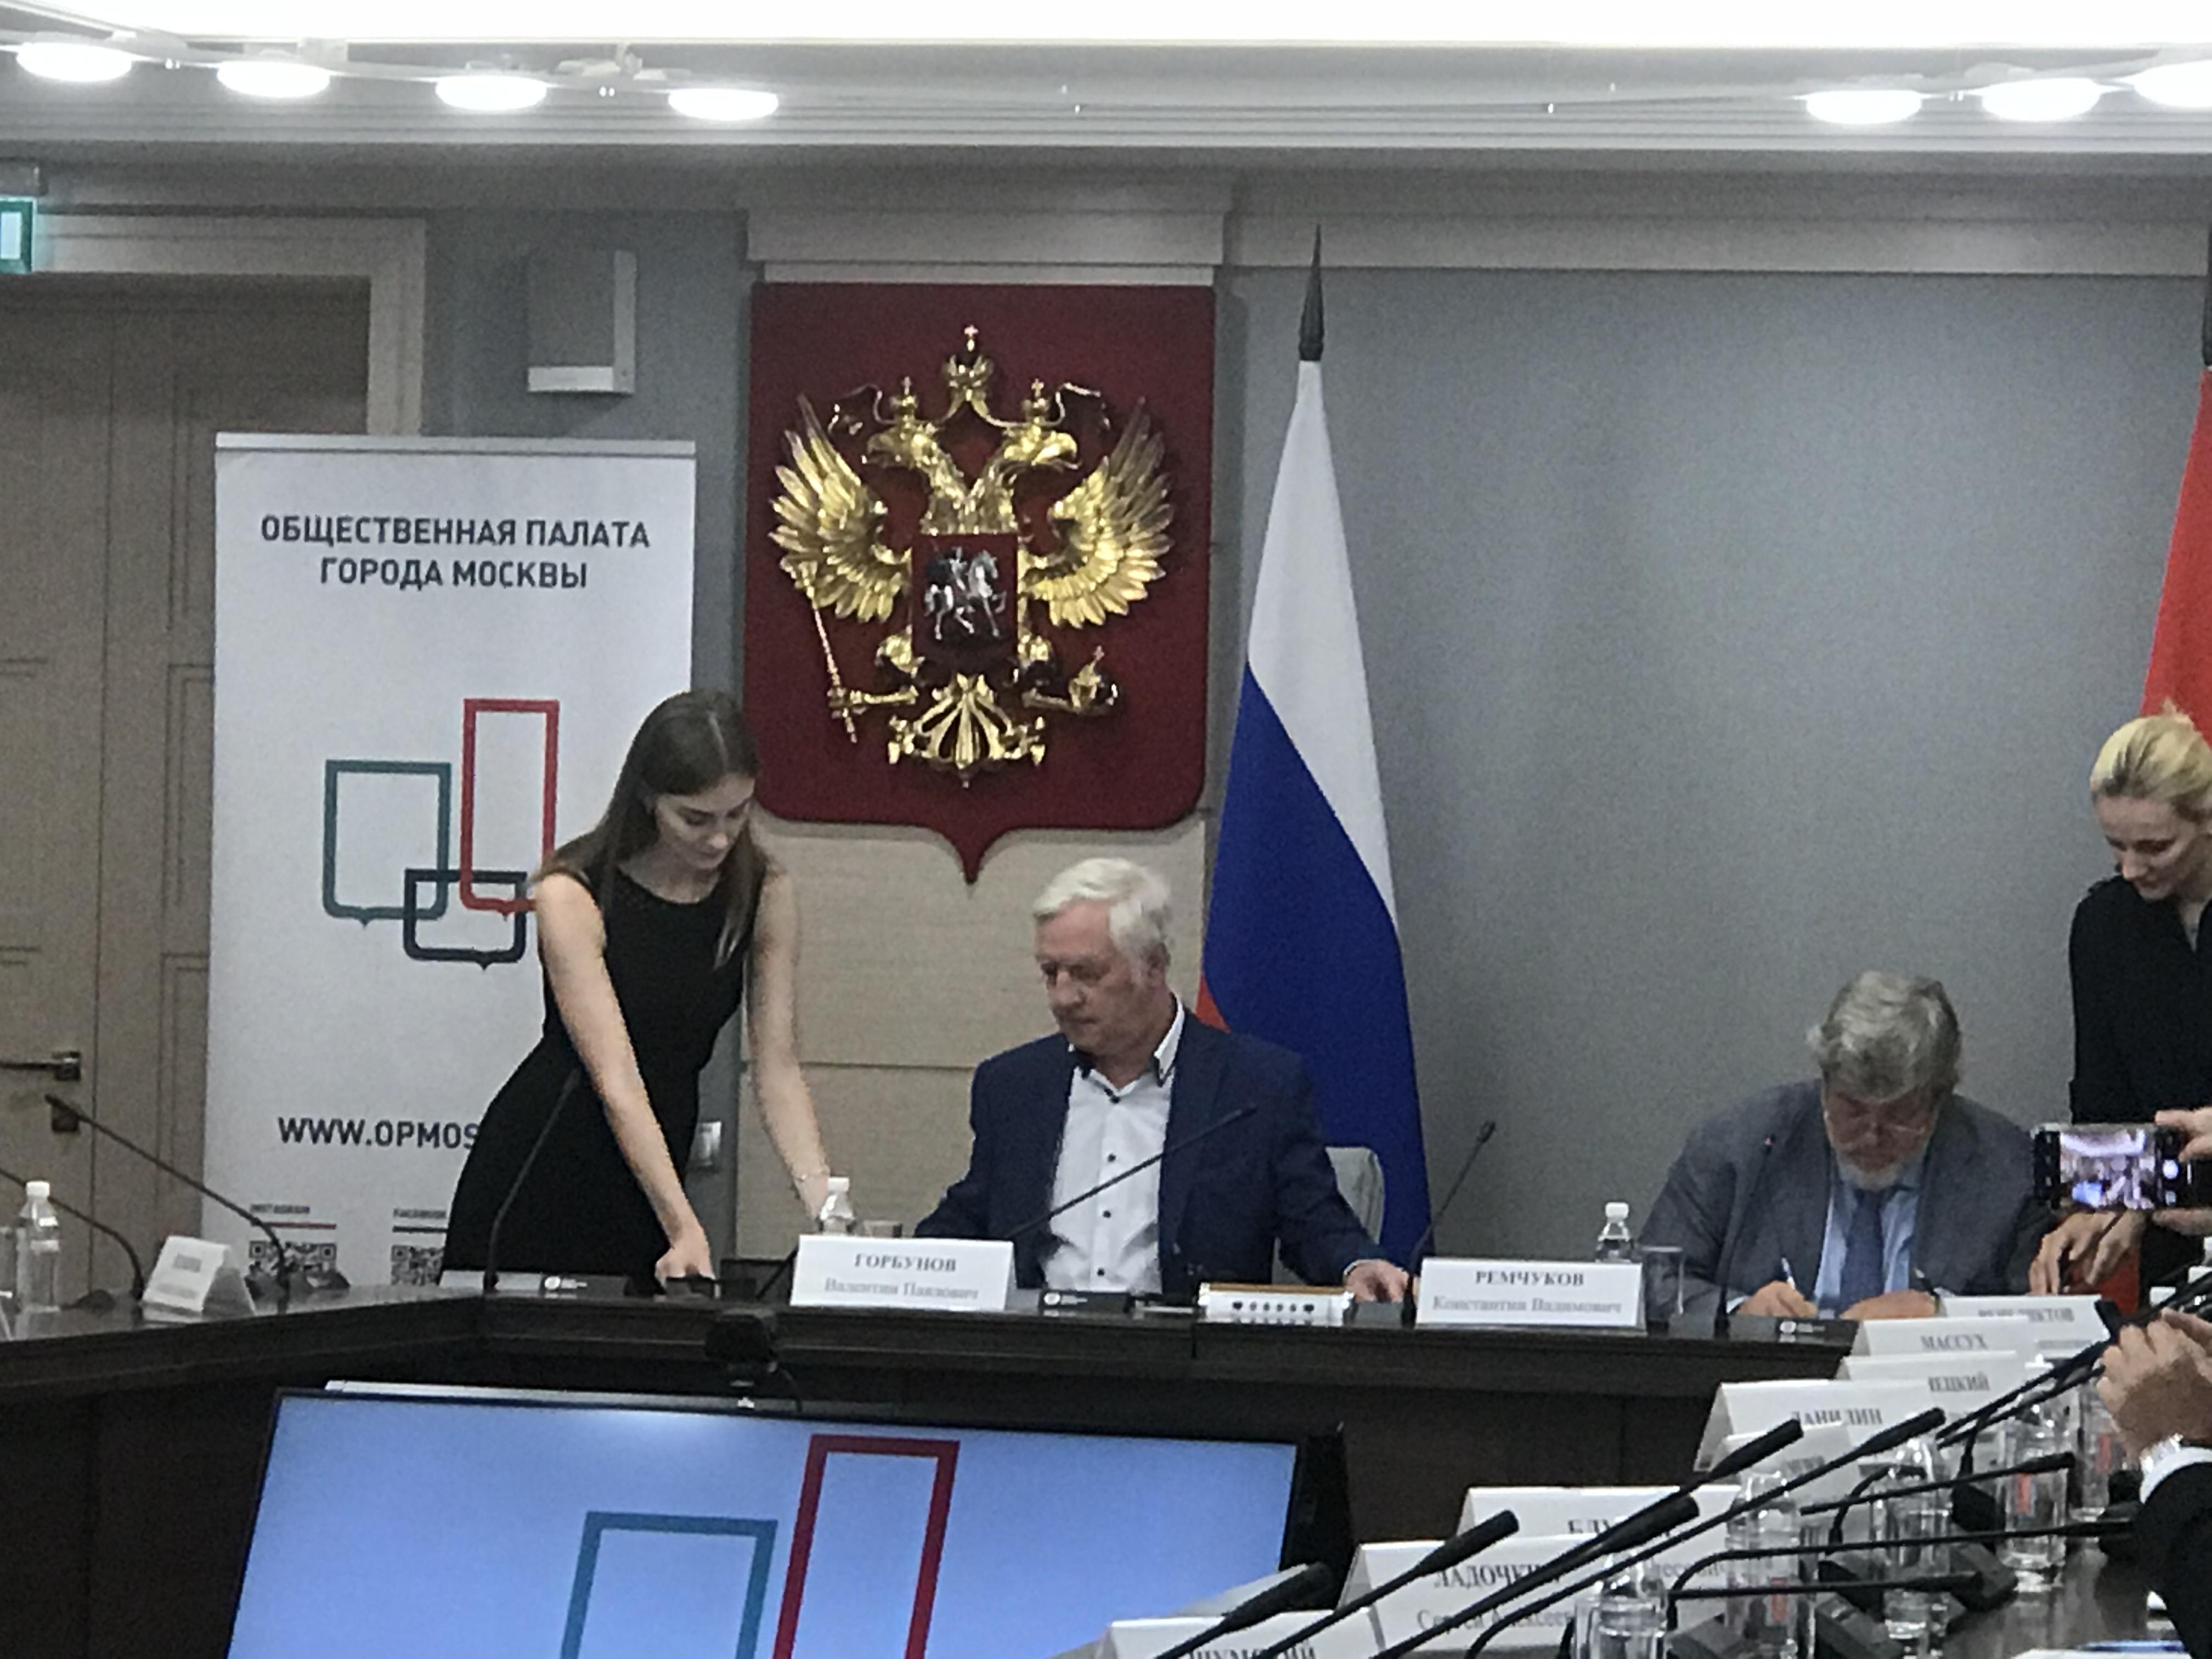 Представители Мосгоризберкома и Общественной палаты подписали соглашение о сотрудничестве